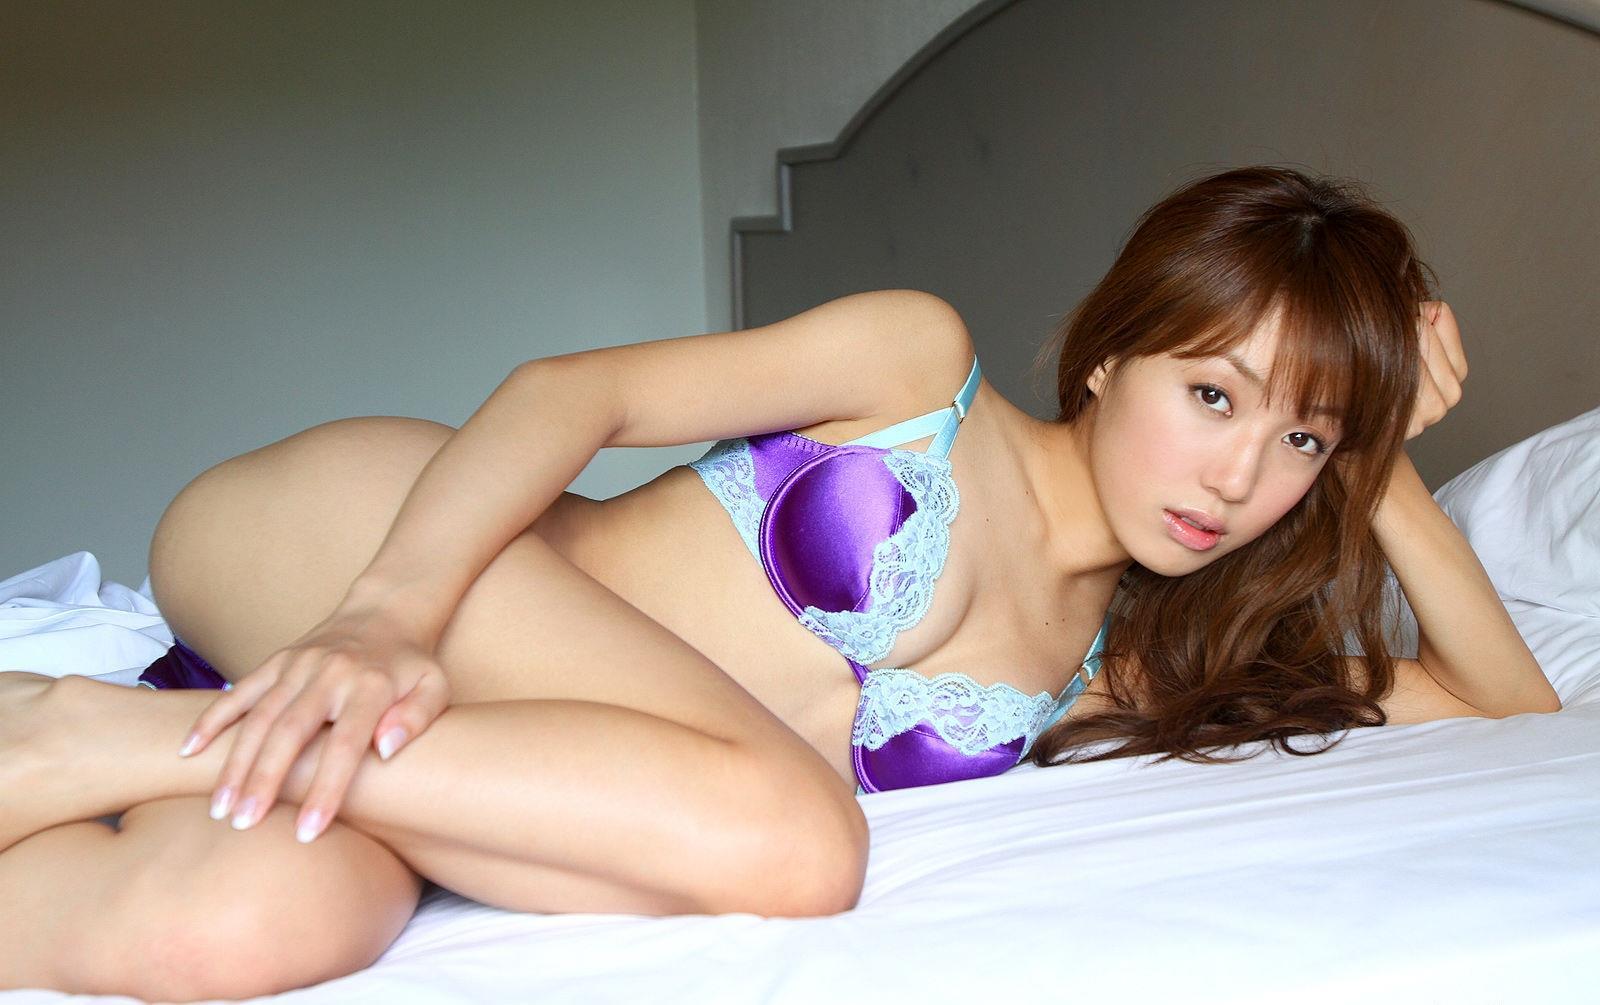 川崎希 画像 29